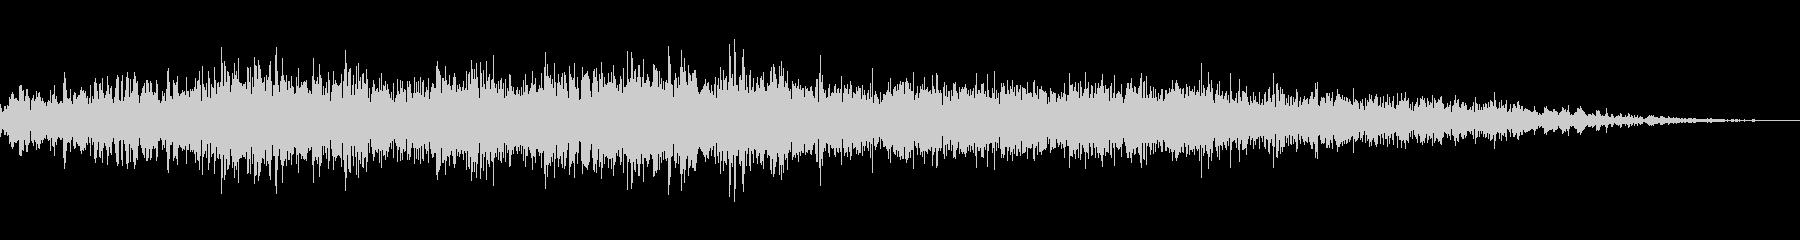 シューッという音EC04_69_2の未再生の波形